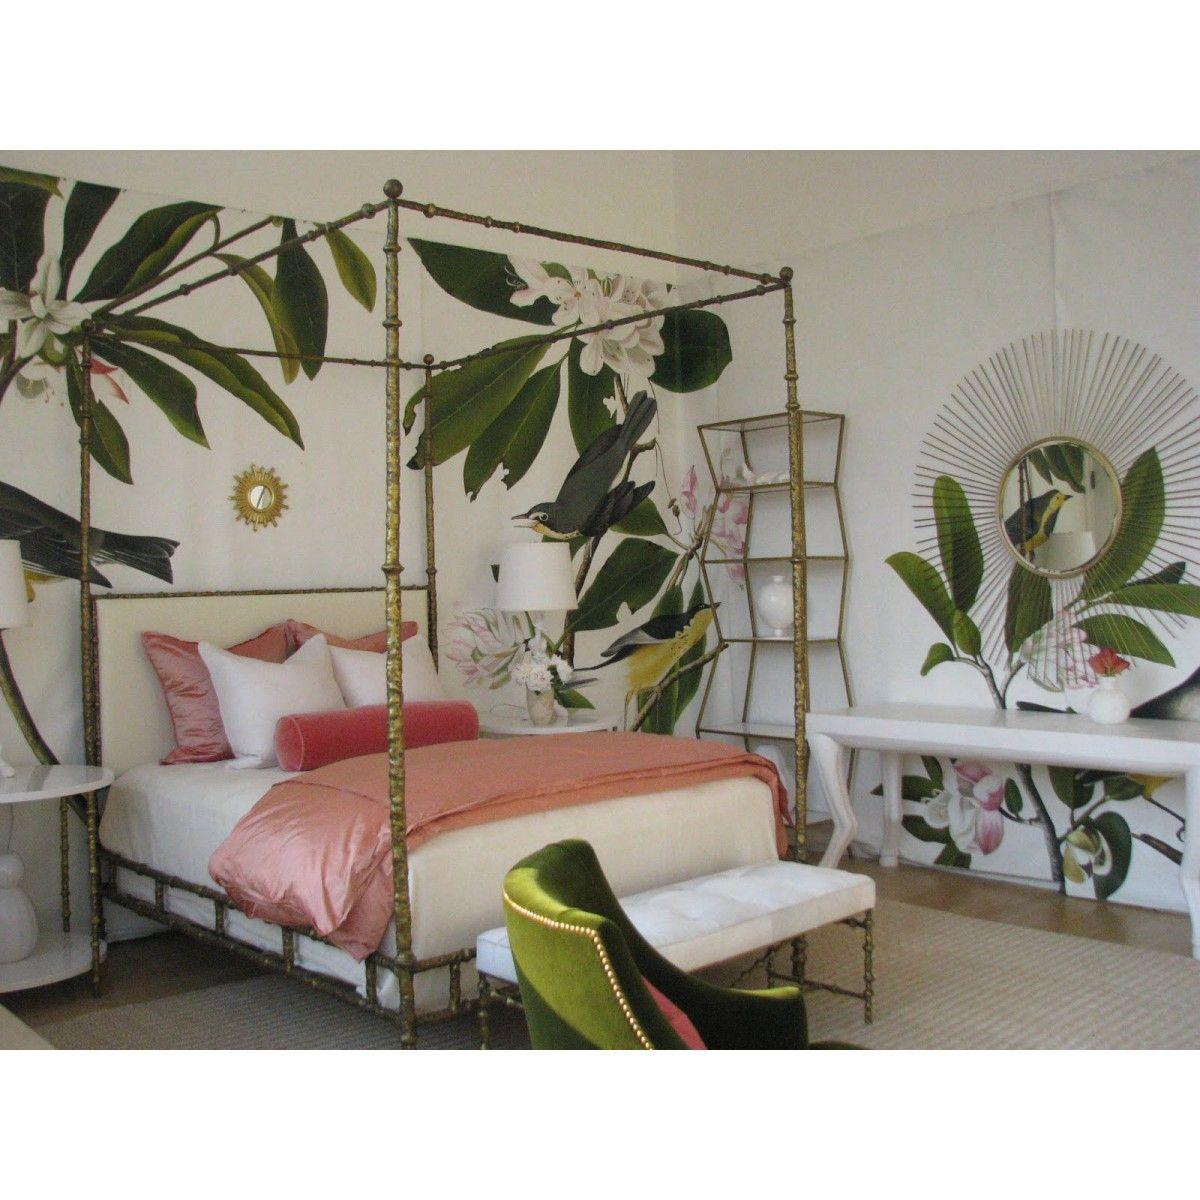 Oly Studio Diego Bed Candelabra Inc Luxury Bedding Master Bedroom Bedroom Design Tropical Bedrooms